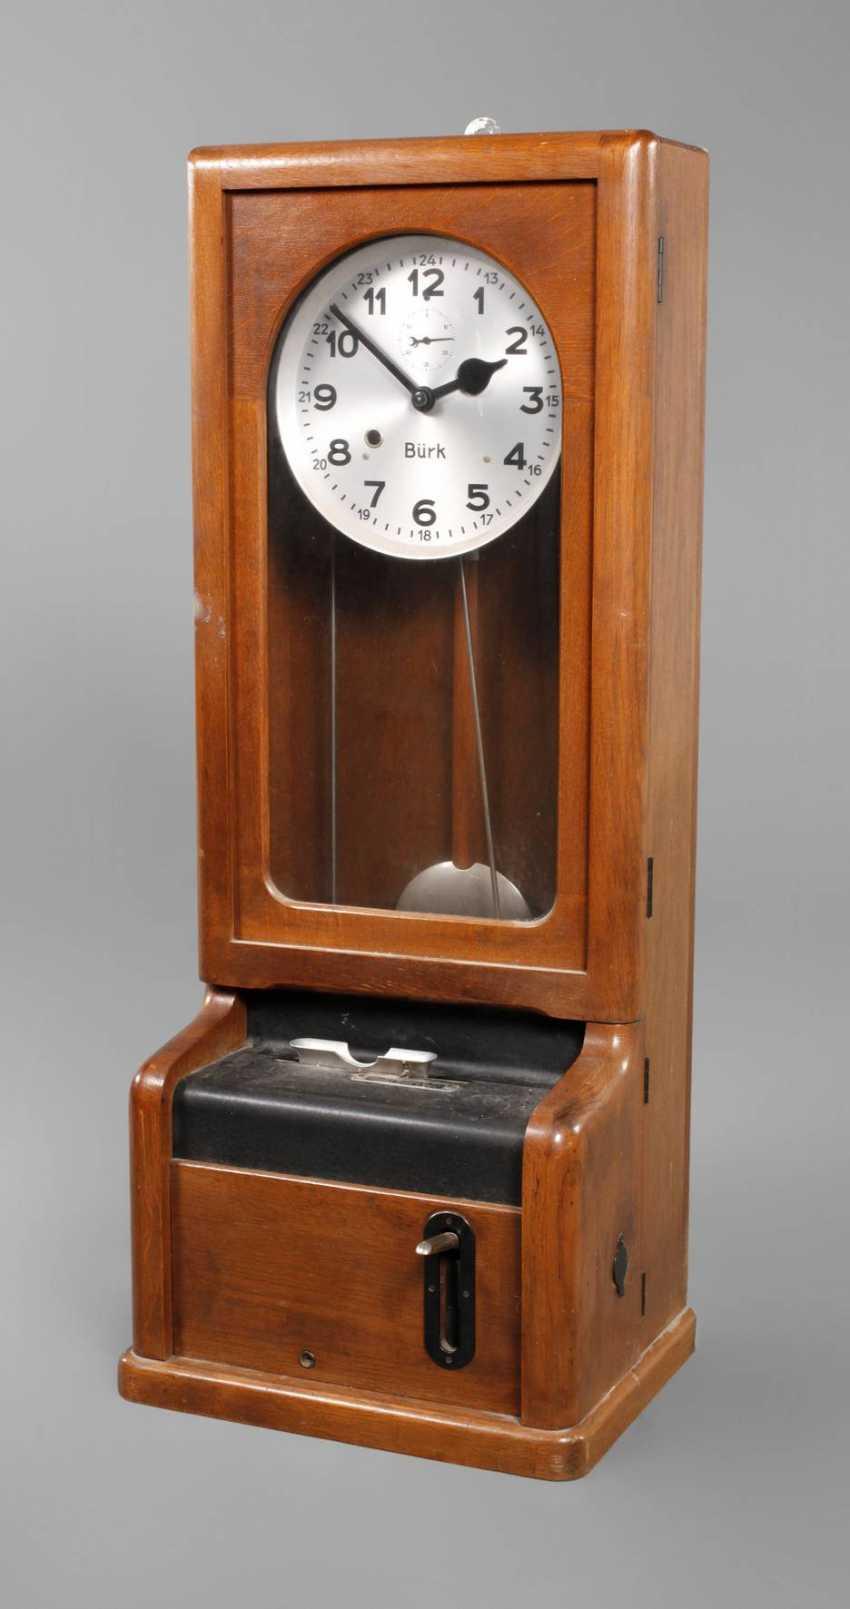 Big Time Clock Bürk - photo 1